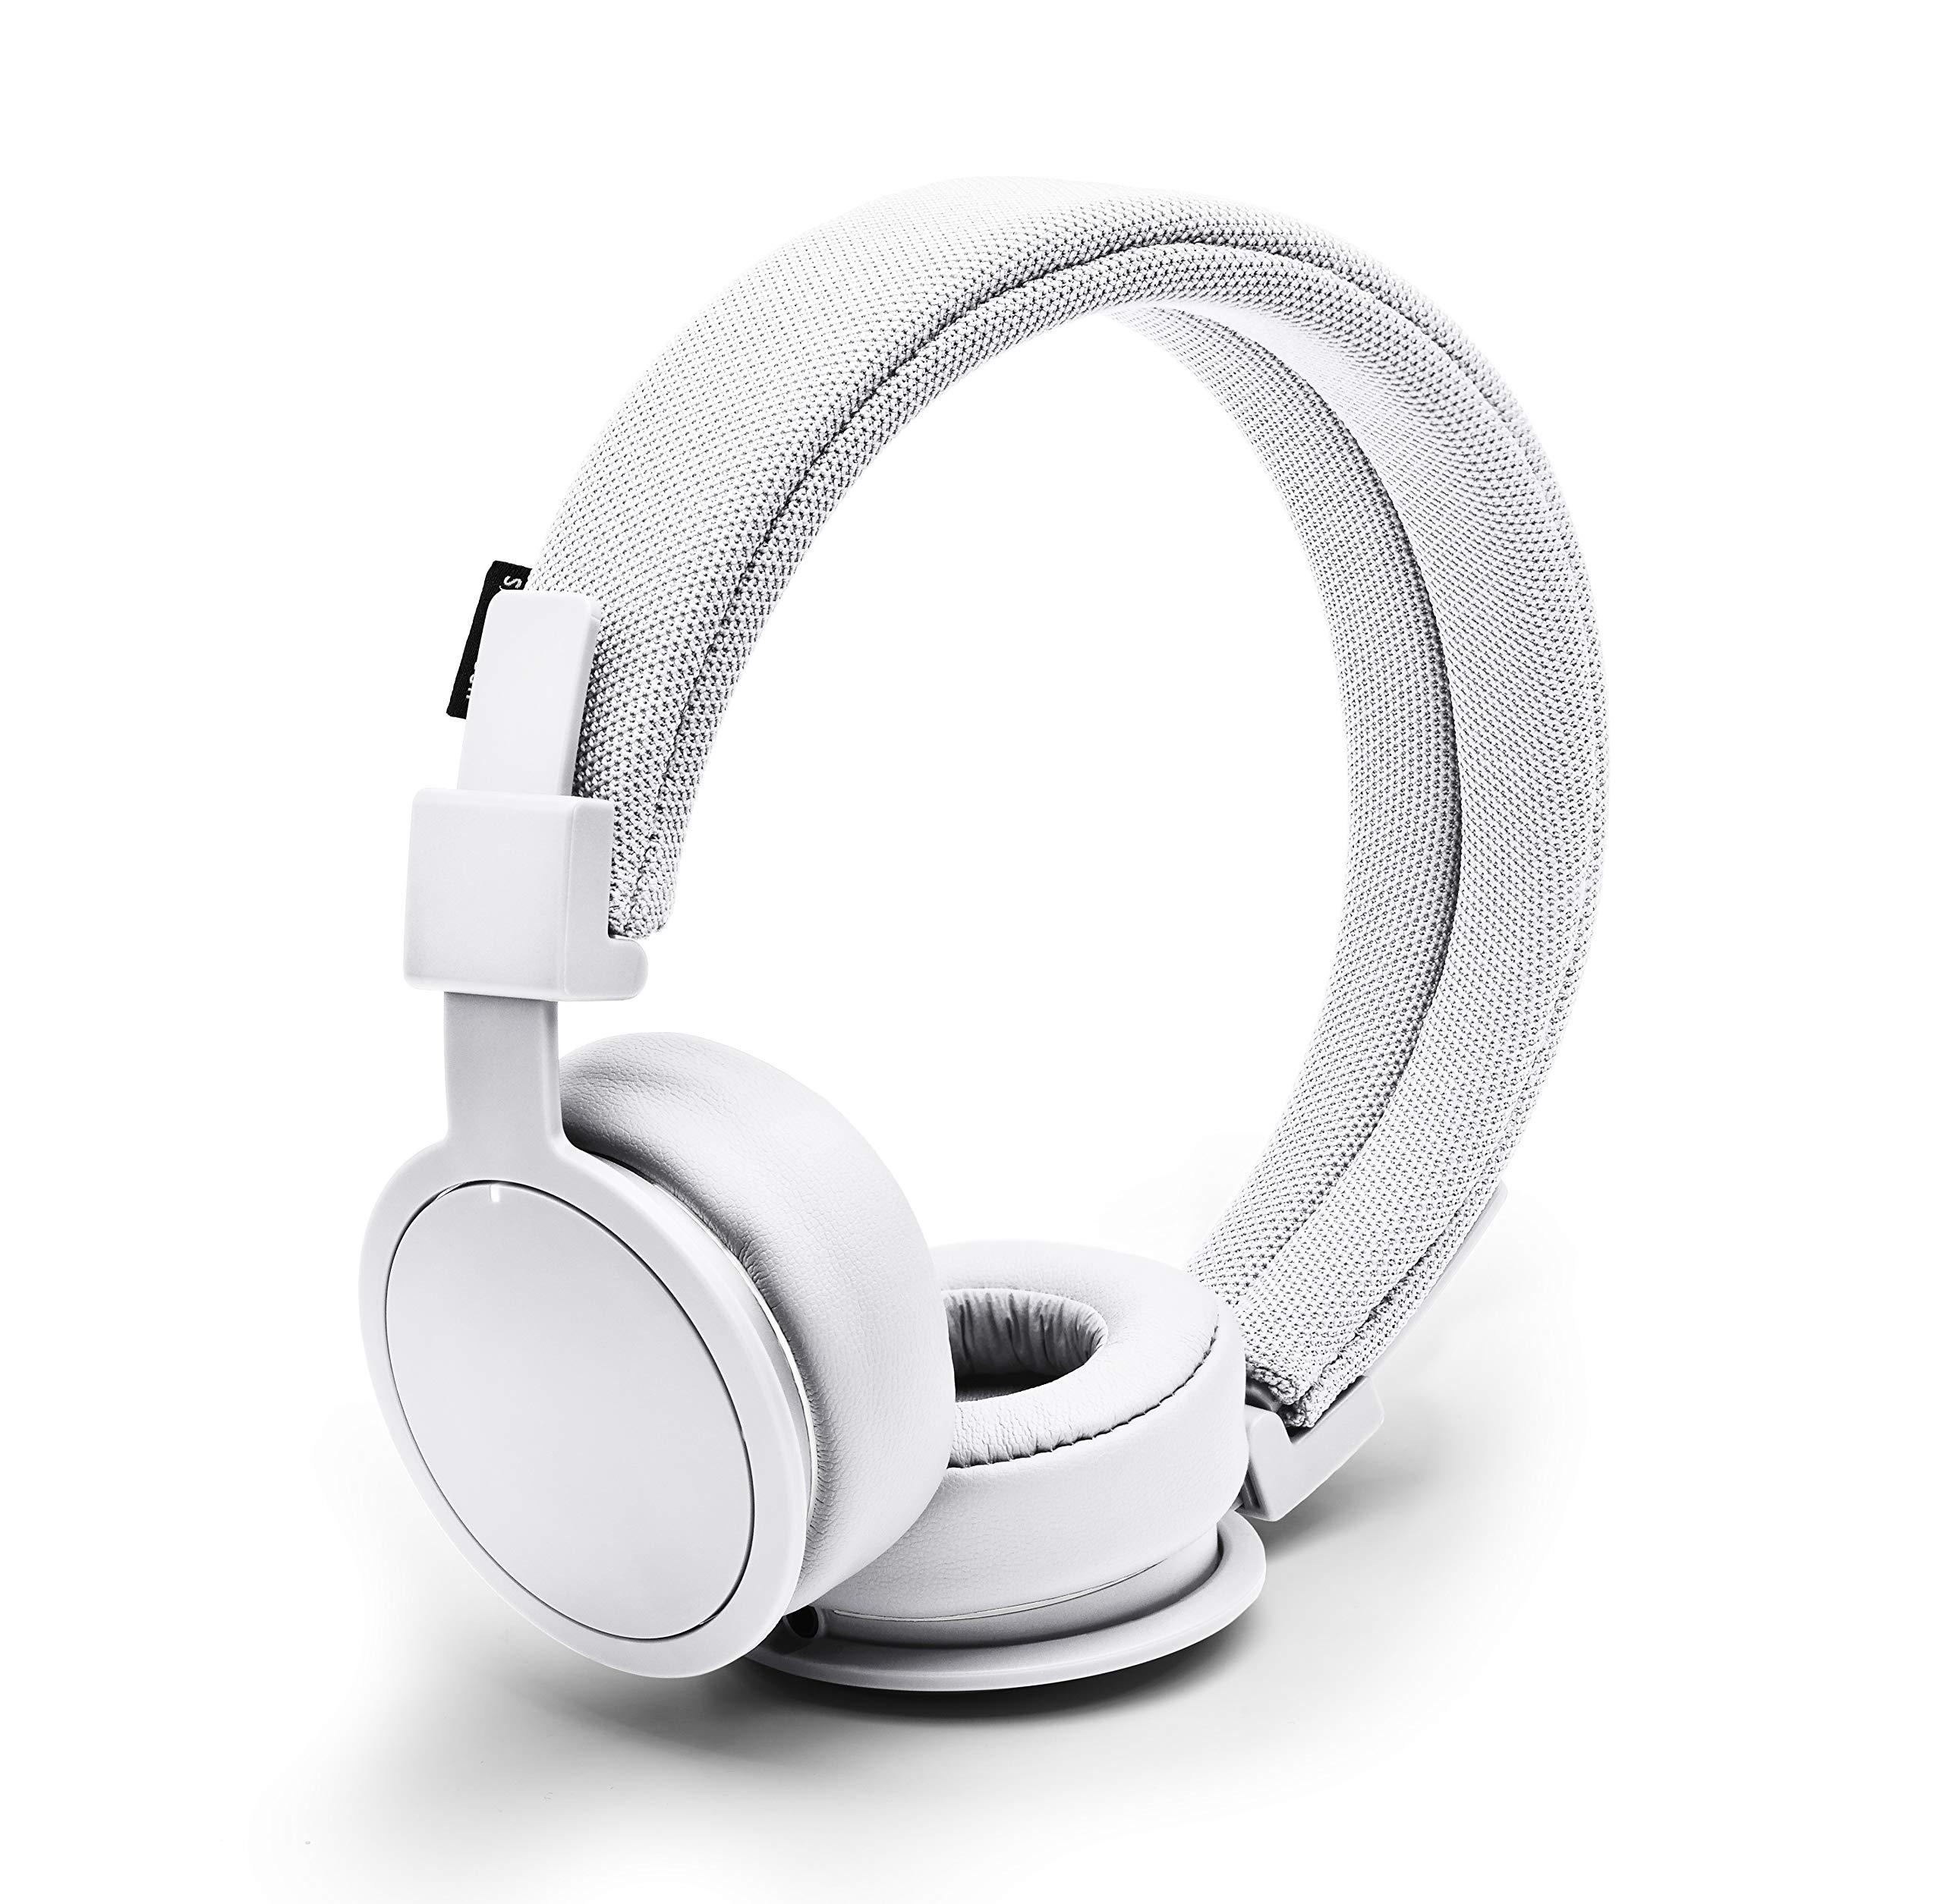 Urbanears Plattan ADV Auriculares inalámbricos con Bluetooth on-ear blanco verdadero (4091097)